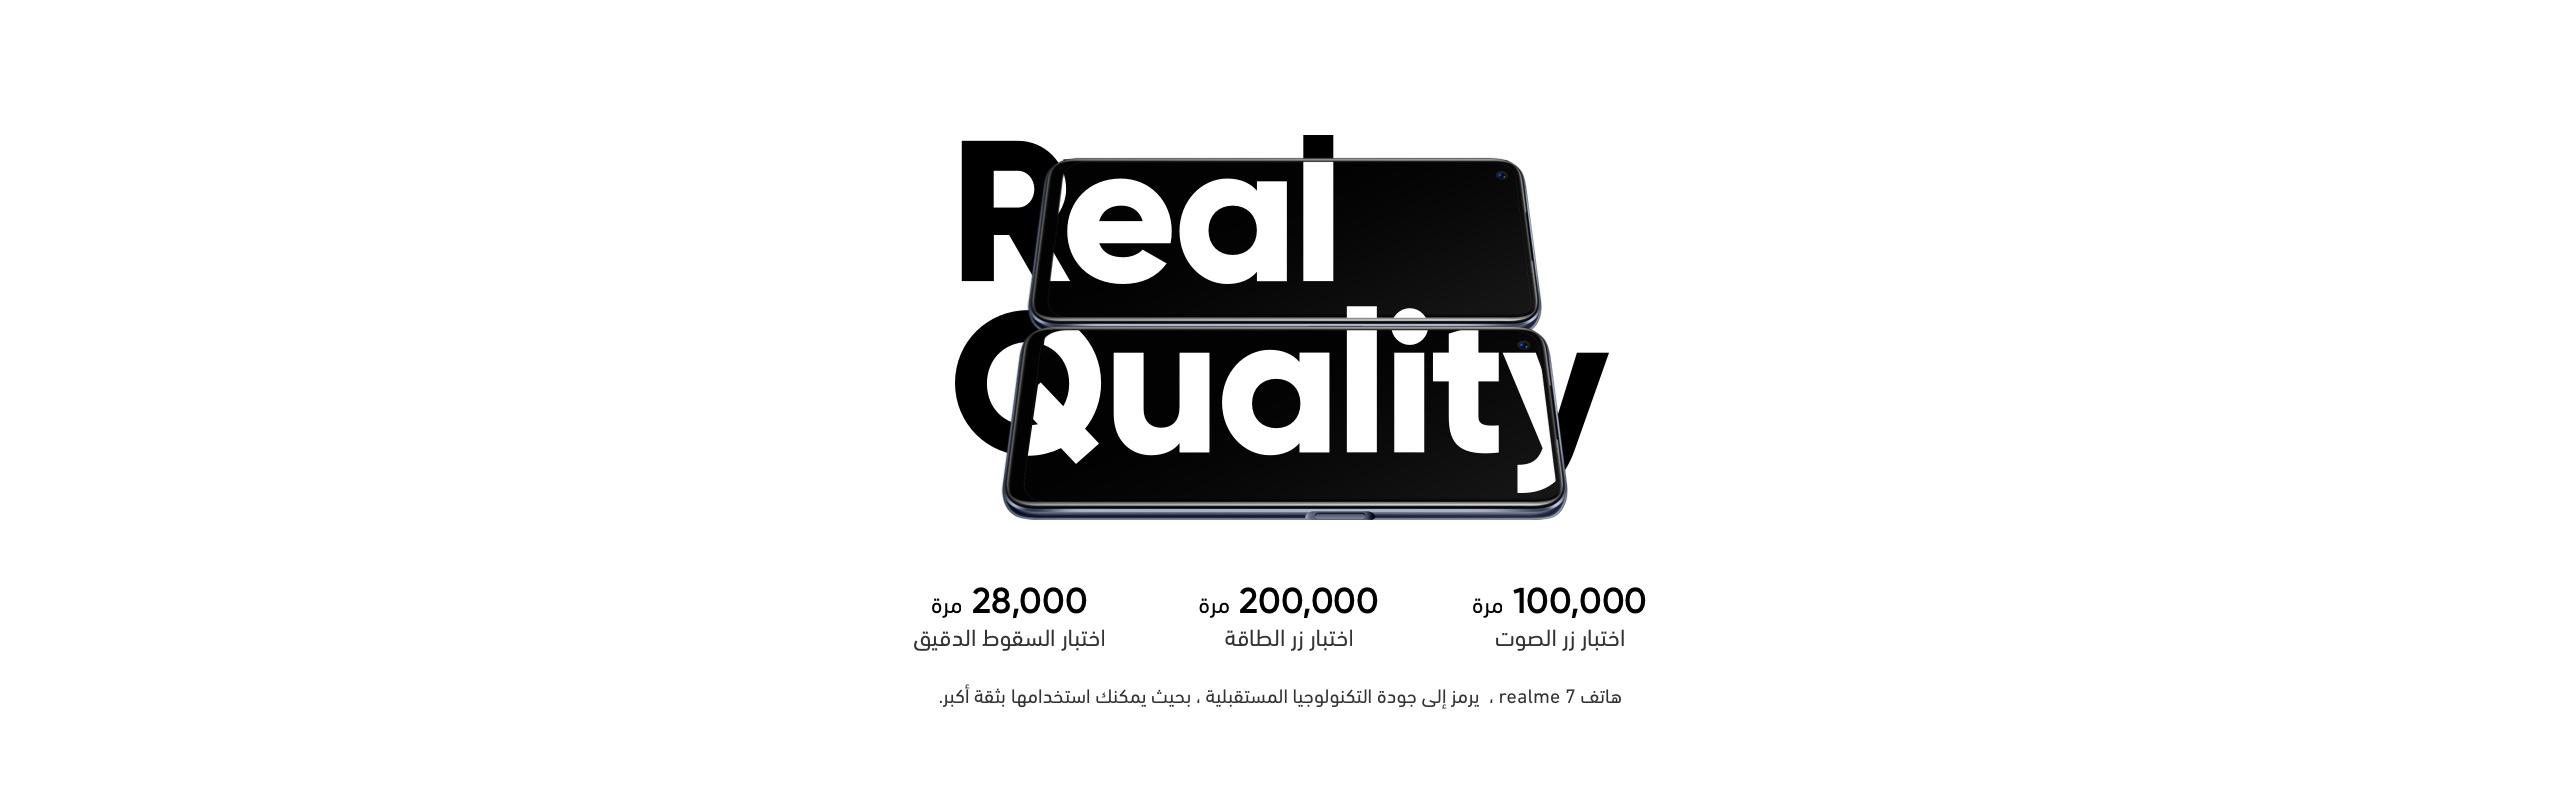 realme7-L-Ar-13.jpg?1616461090752